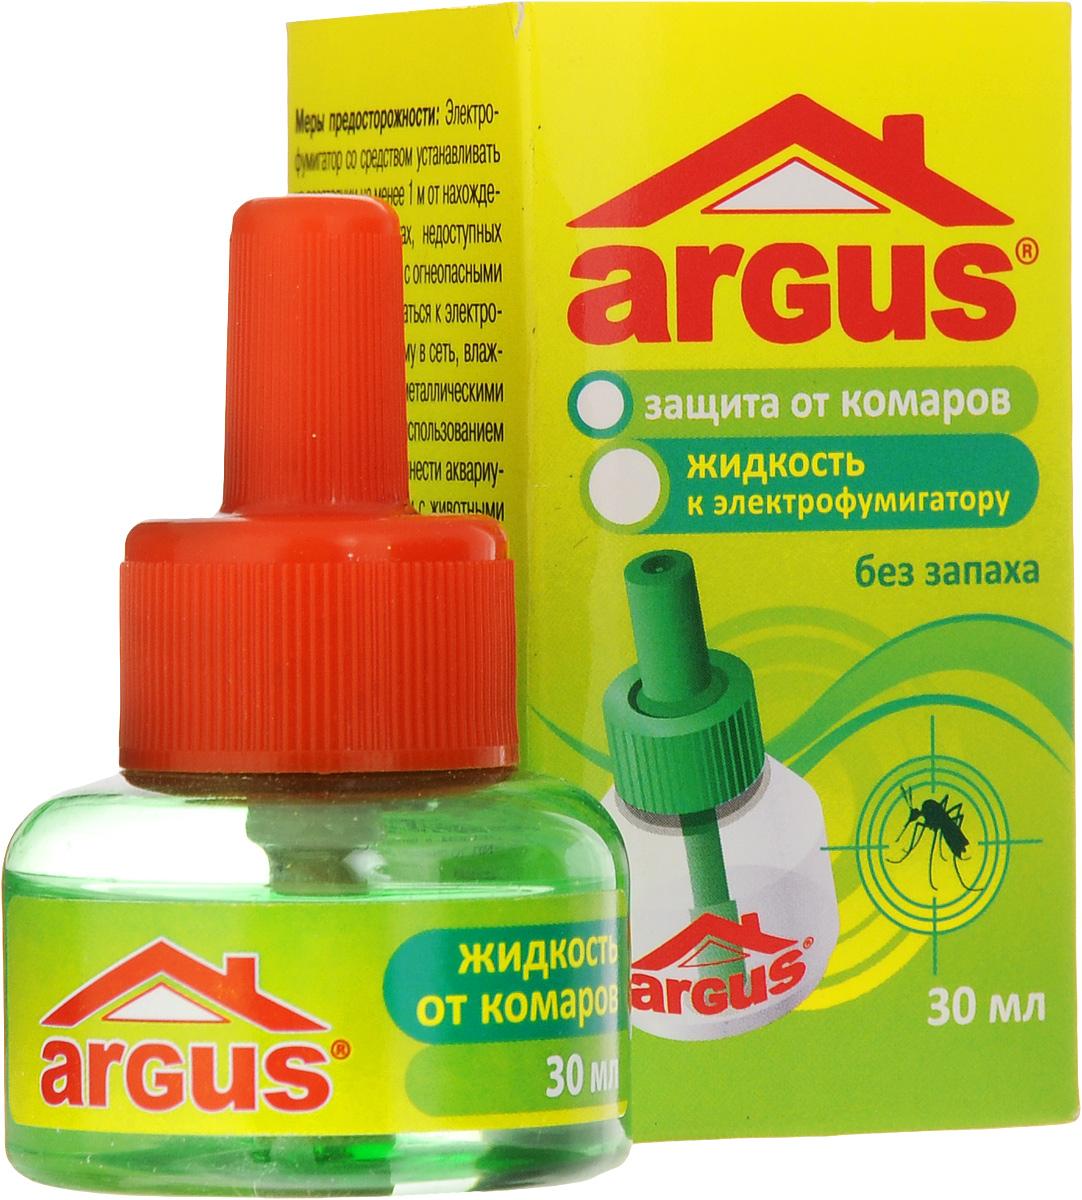 Жидкость от комаров Argus, без запаха, 30 млСЗ.020001Один флакон жидкости Argus объемом 30 мл рассчитан не менее чем на 360 часов! Использование жидкости с фумигатором в течение 30 минут обеспечивает полную гибель мух, комаров и мошек. Используется в помещении площадью не менее 16 м2 при открытых окнах. Средство не имеет запаха. Состав: эток 0,9%, испарители, антиоксиданты, растворители.